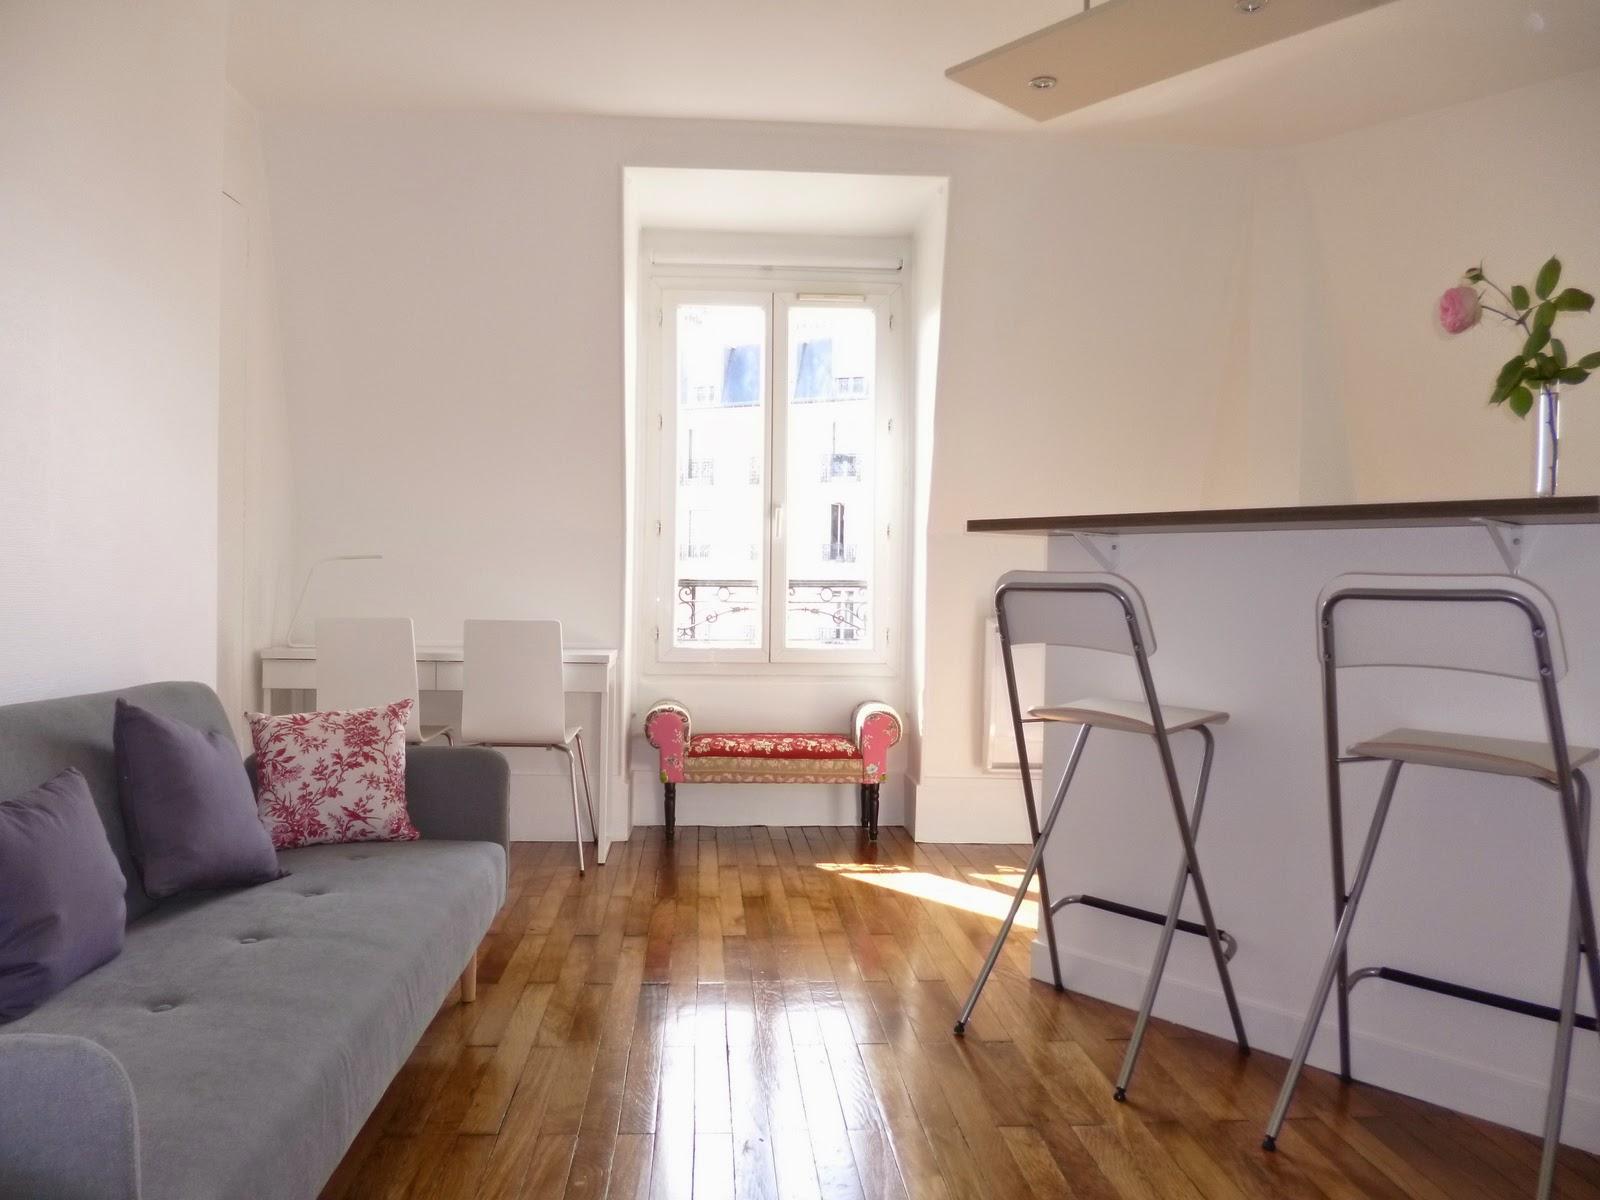 ponage parquet gallery of good peindre un parquet en blanc ou en couleur joli place repeindre. Black Bedroom Furniture Sets. Home Design Ideas